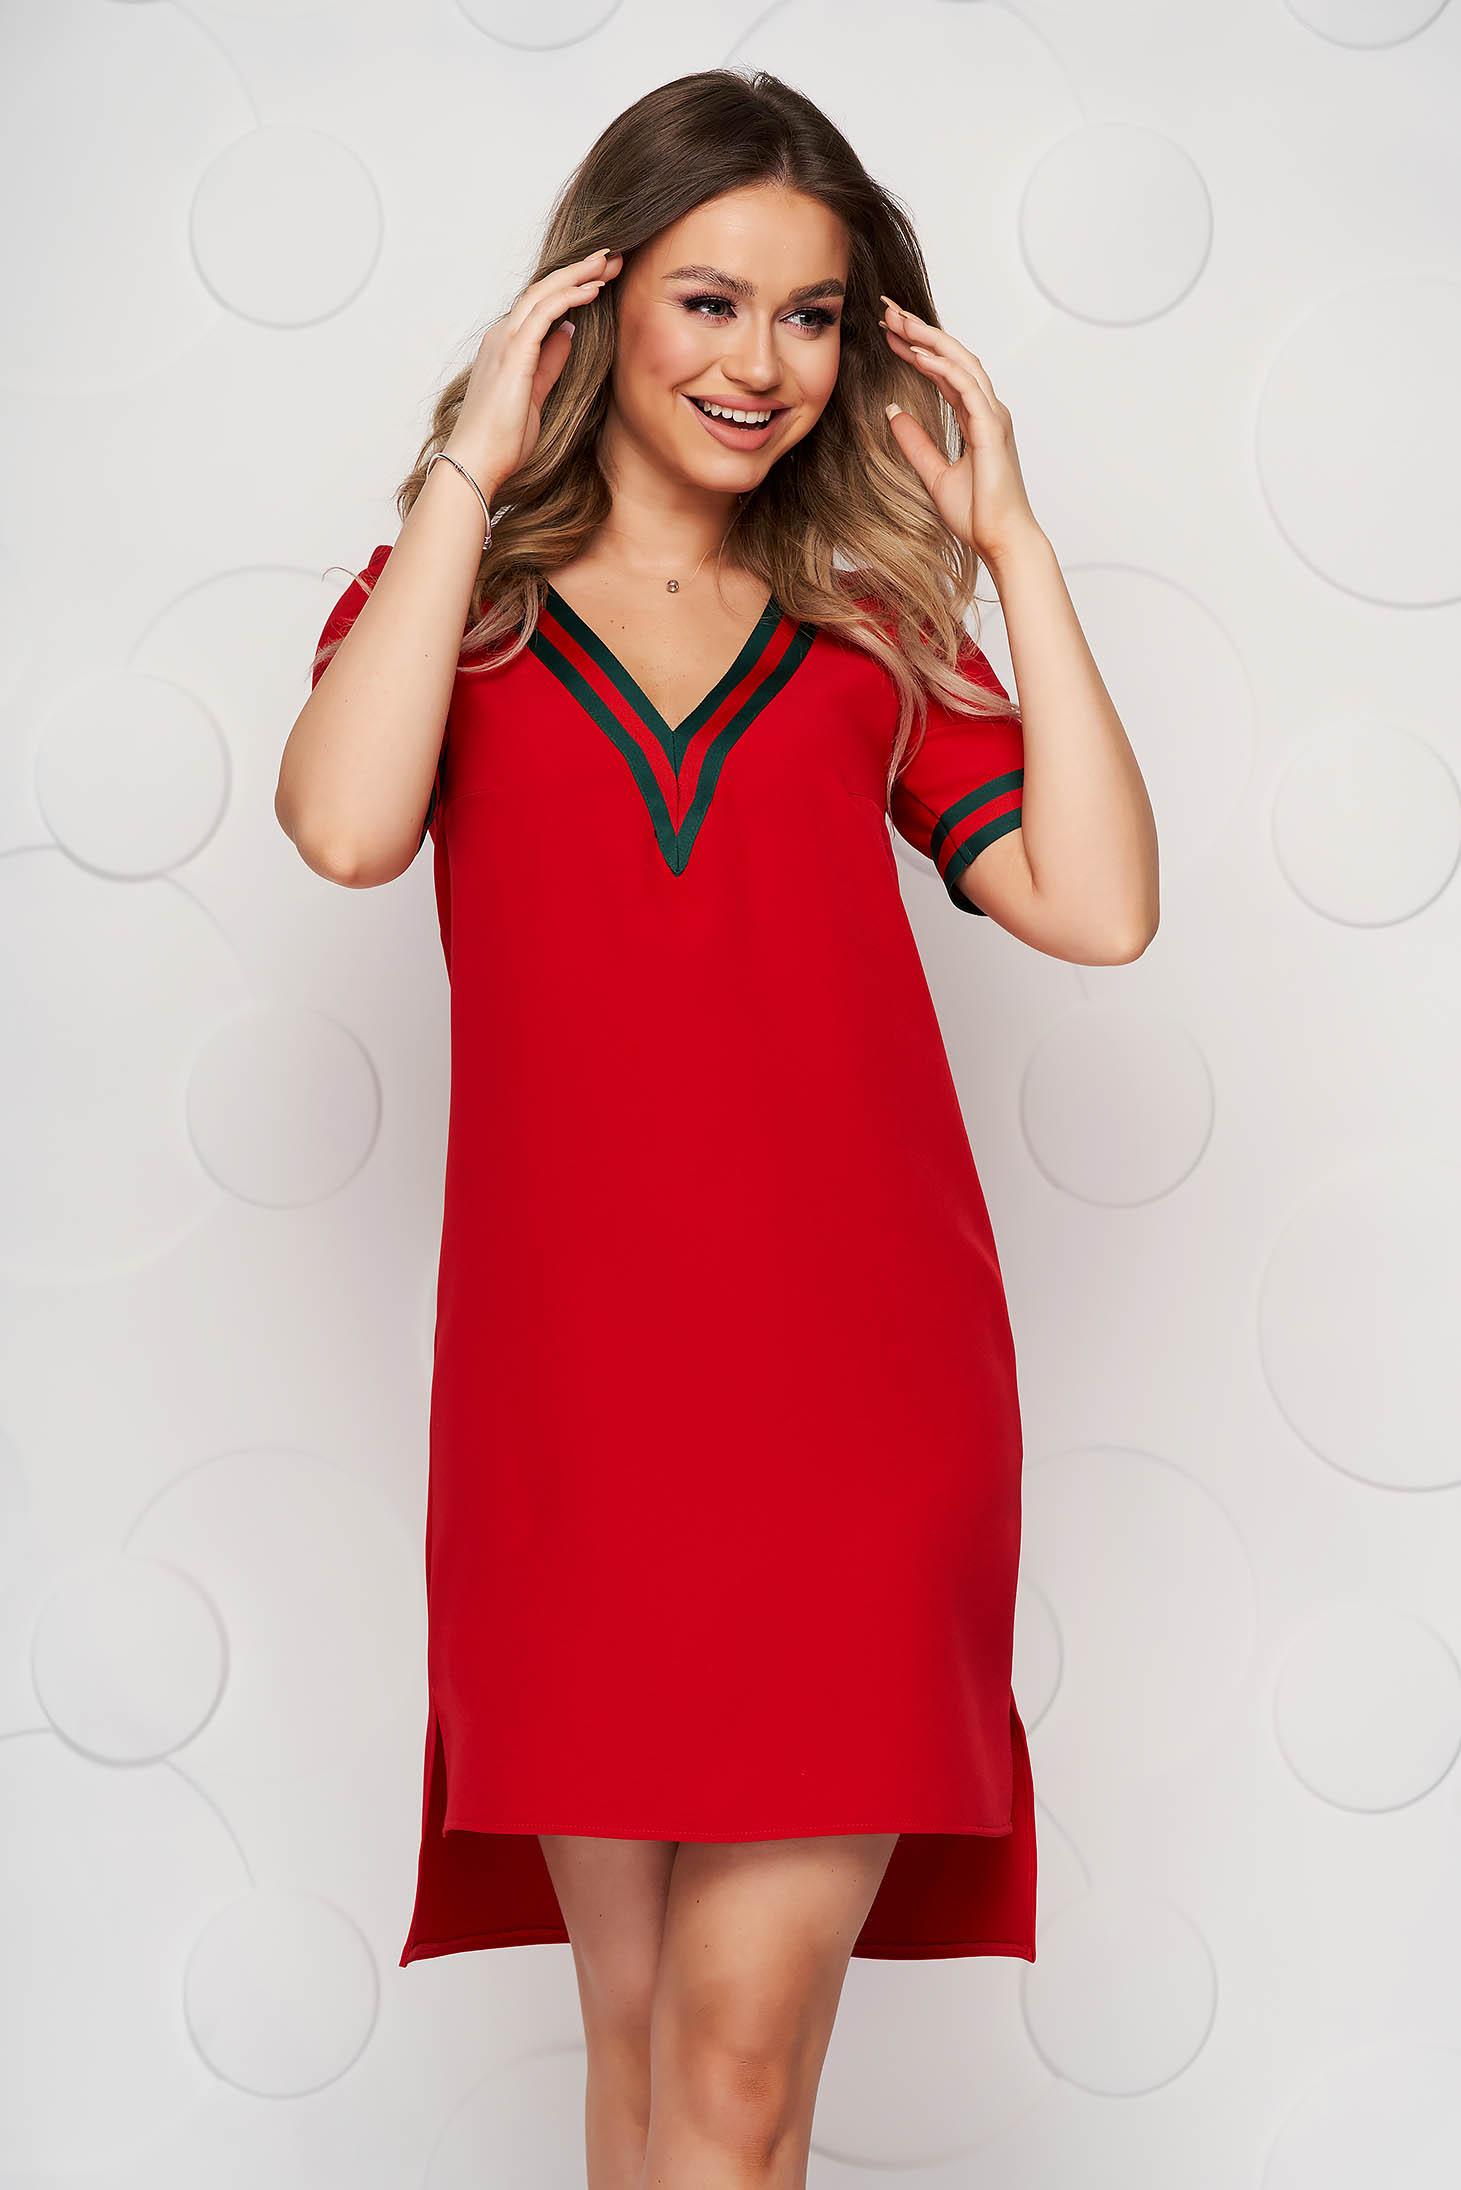 Rochie StarShinerS rosie cu un croi drept scurta asimetrica cu decolteu in v si banda decorativa aplicata